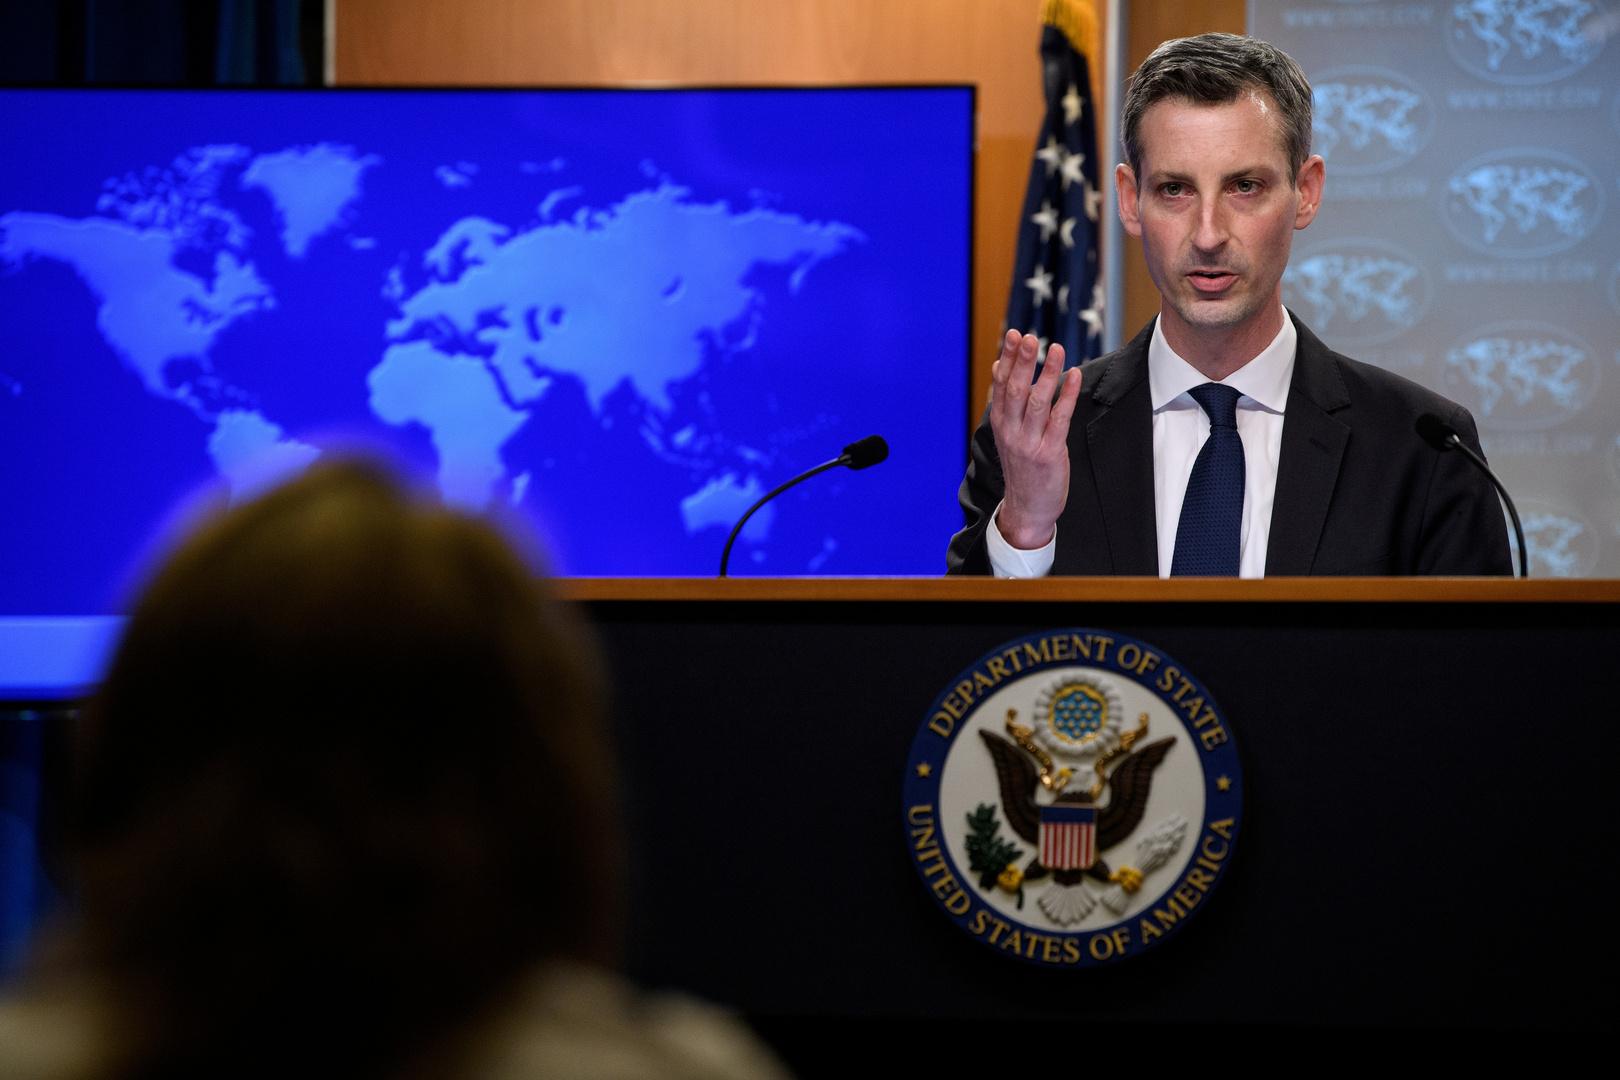 الخارجية الأمريكية: واشنطن سئمت من هجمات الحوثيين ومنزعجة من الهجمات في مأرب